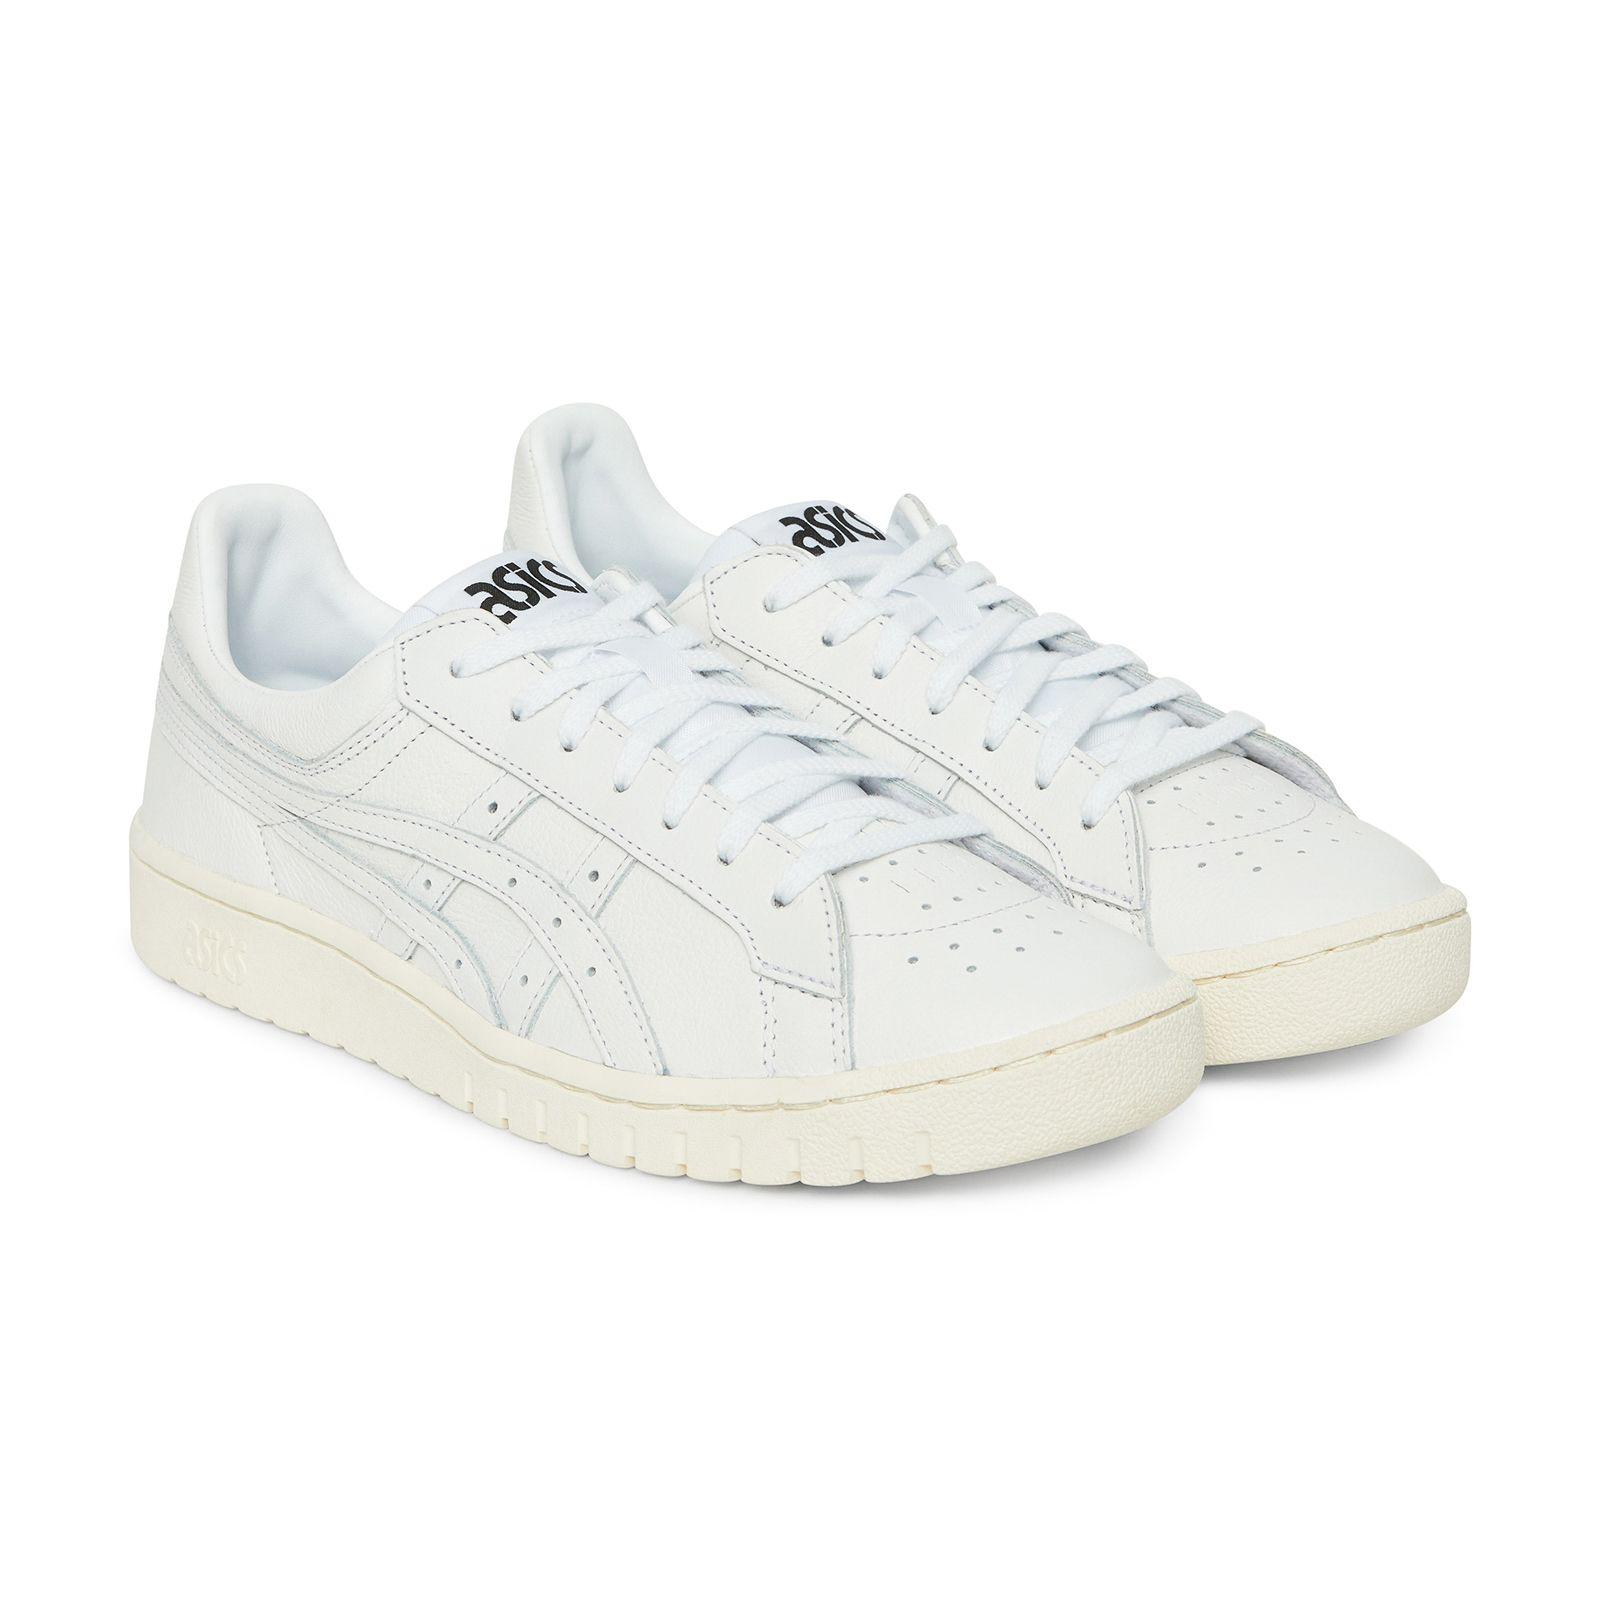 p&c adidas jogginghose